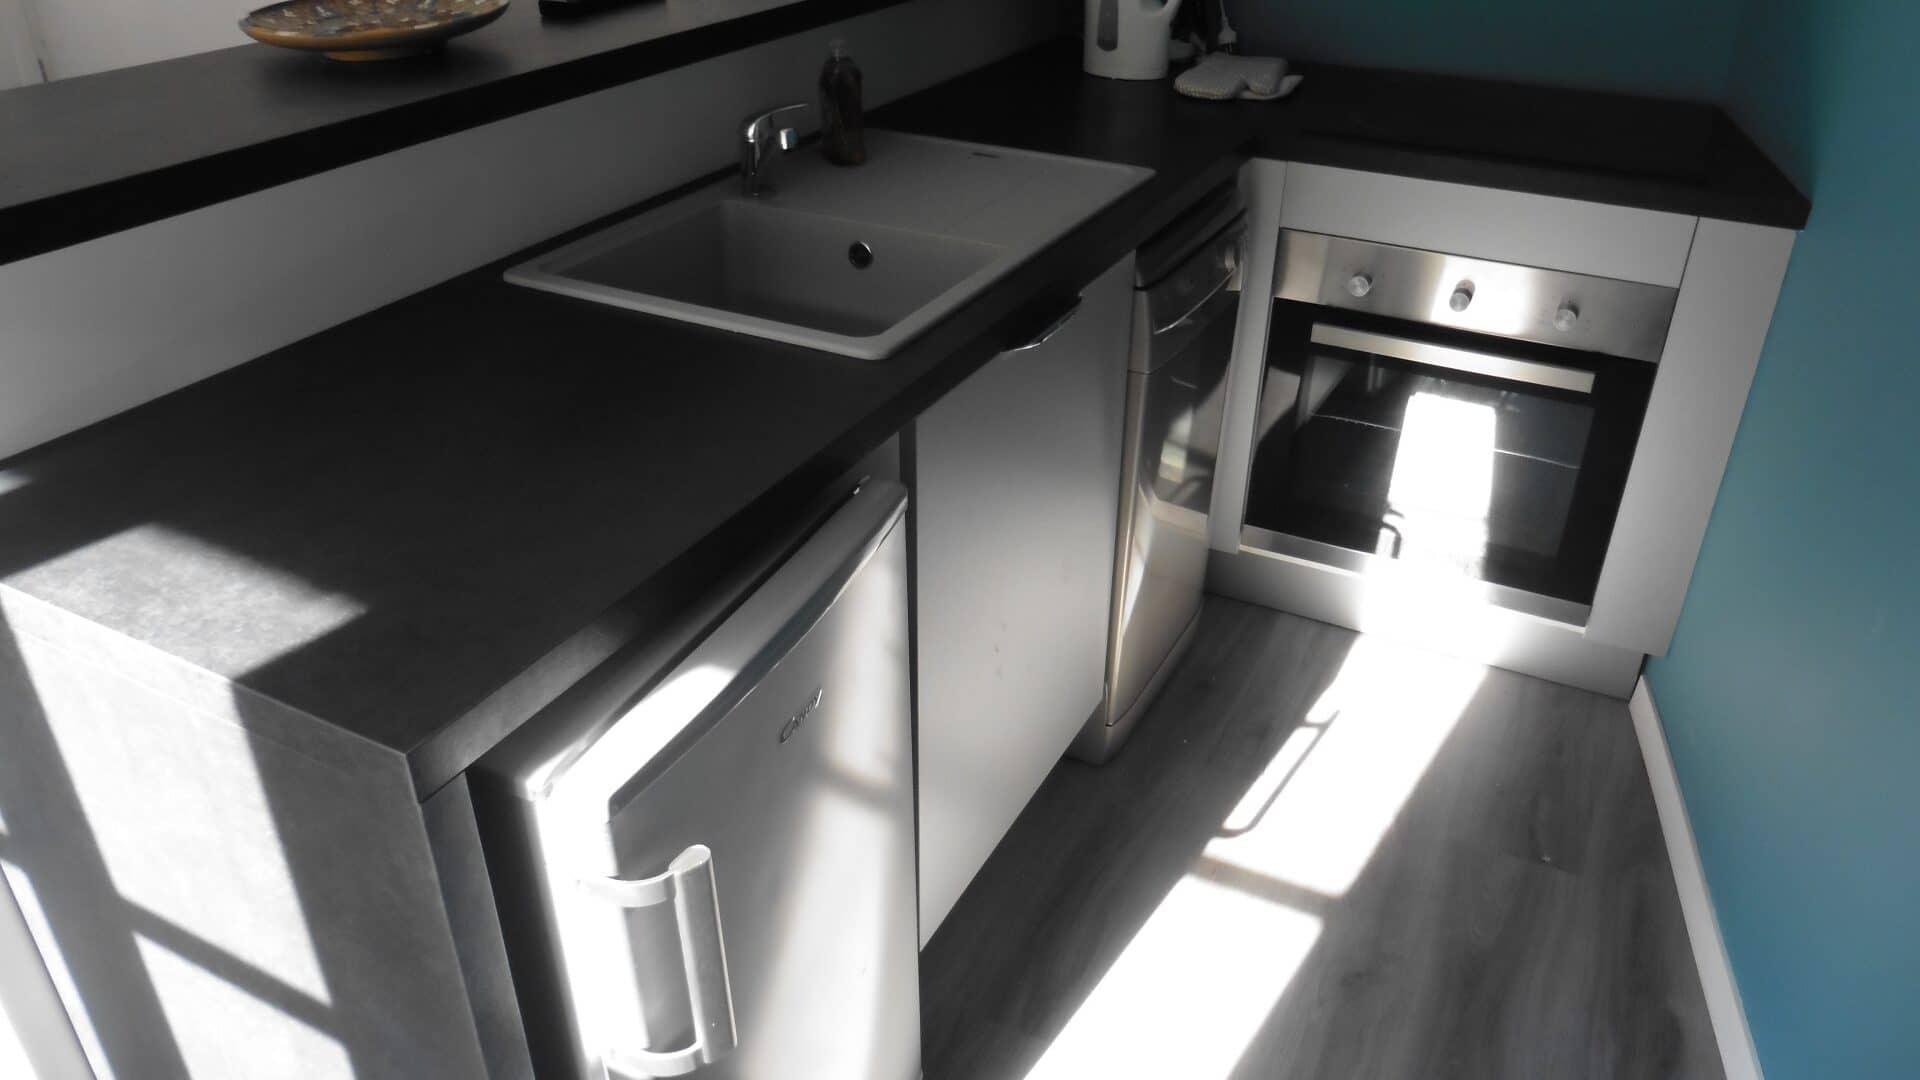 h l ne boucher cottage en rou libre. Black Bedroom Furniture Sets. Home Design Ideas